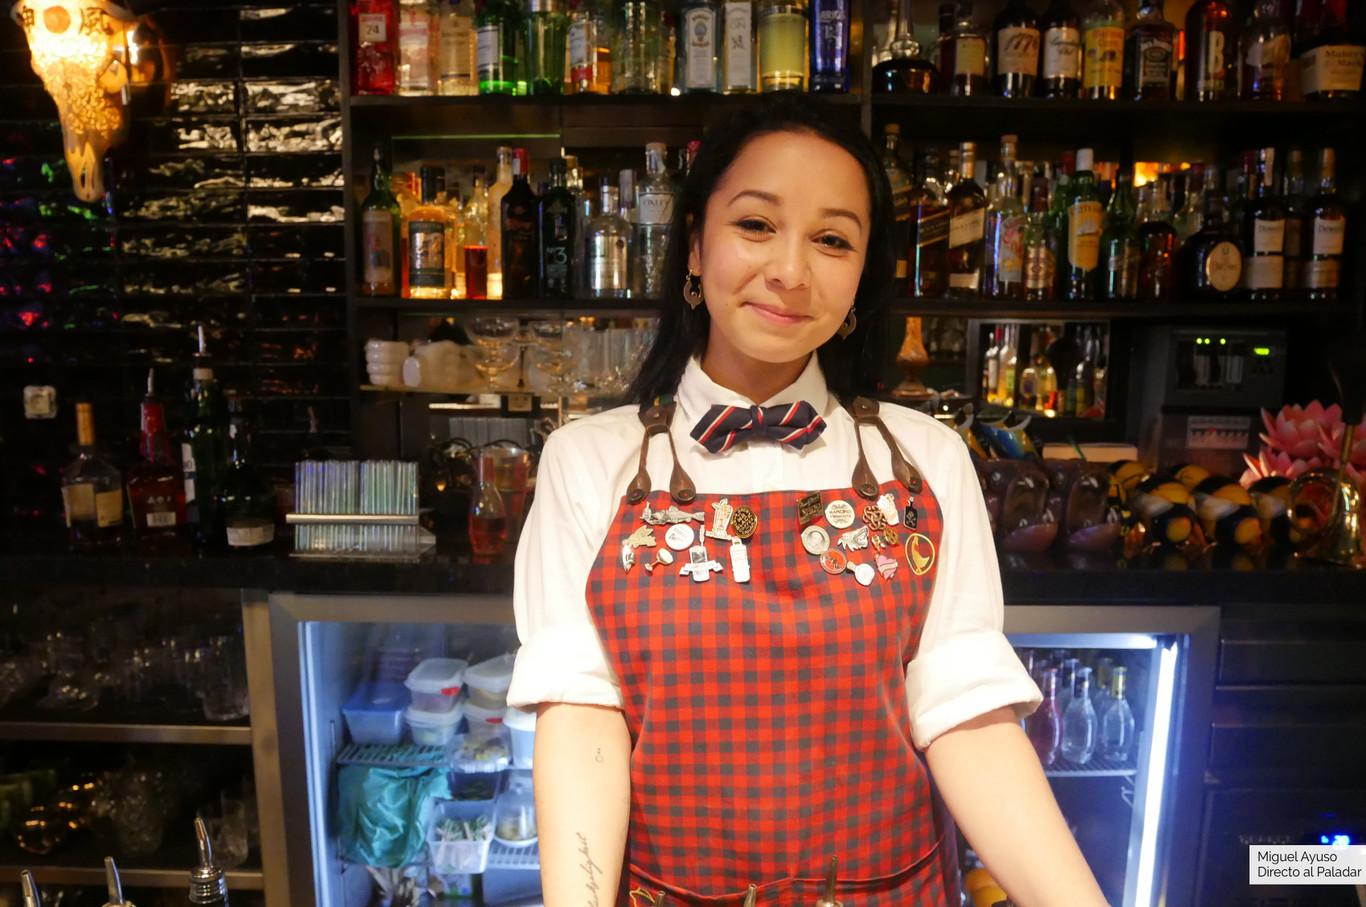 Cuatro cócteles originales para triunfar en Nochevieja (según la bartender del mejor bar de España)